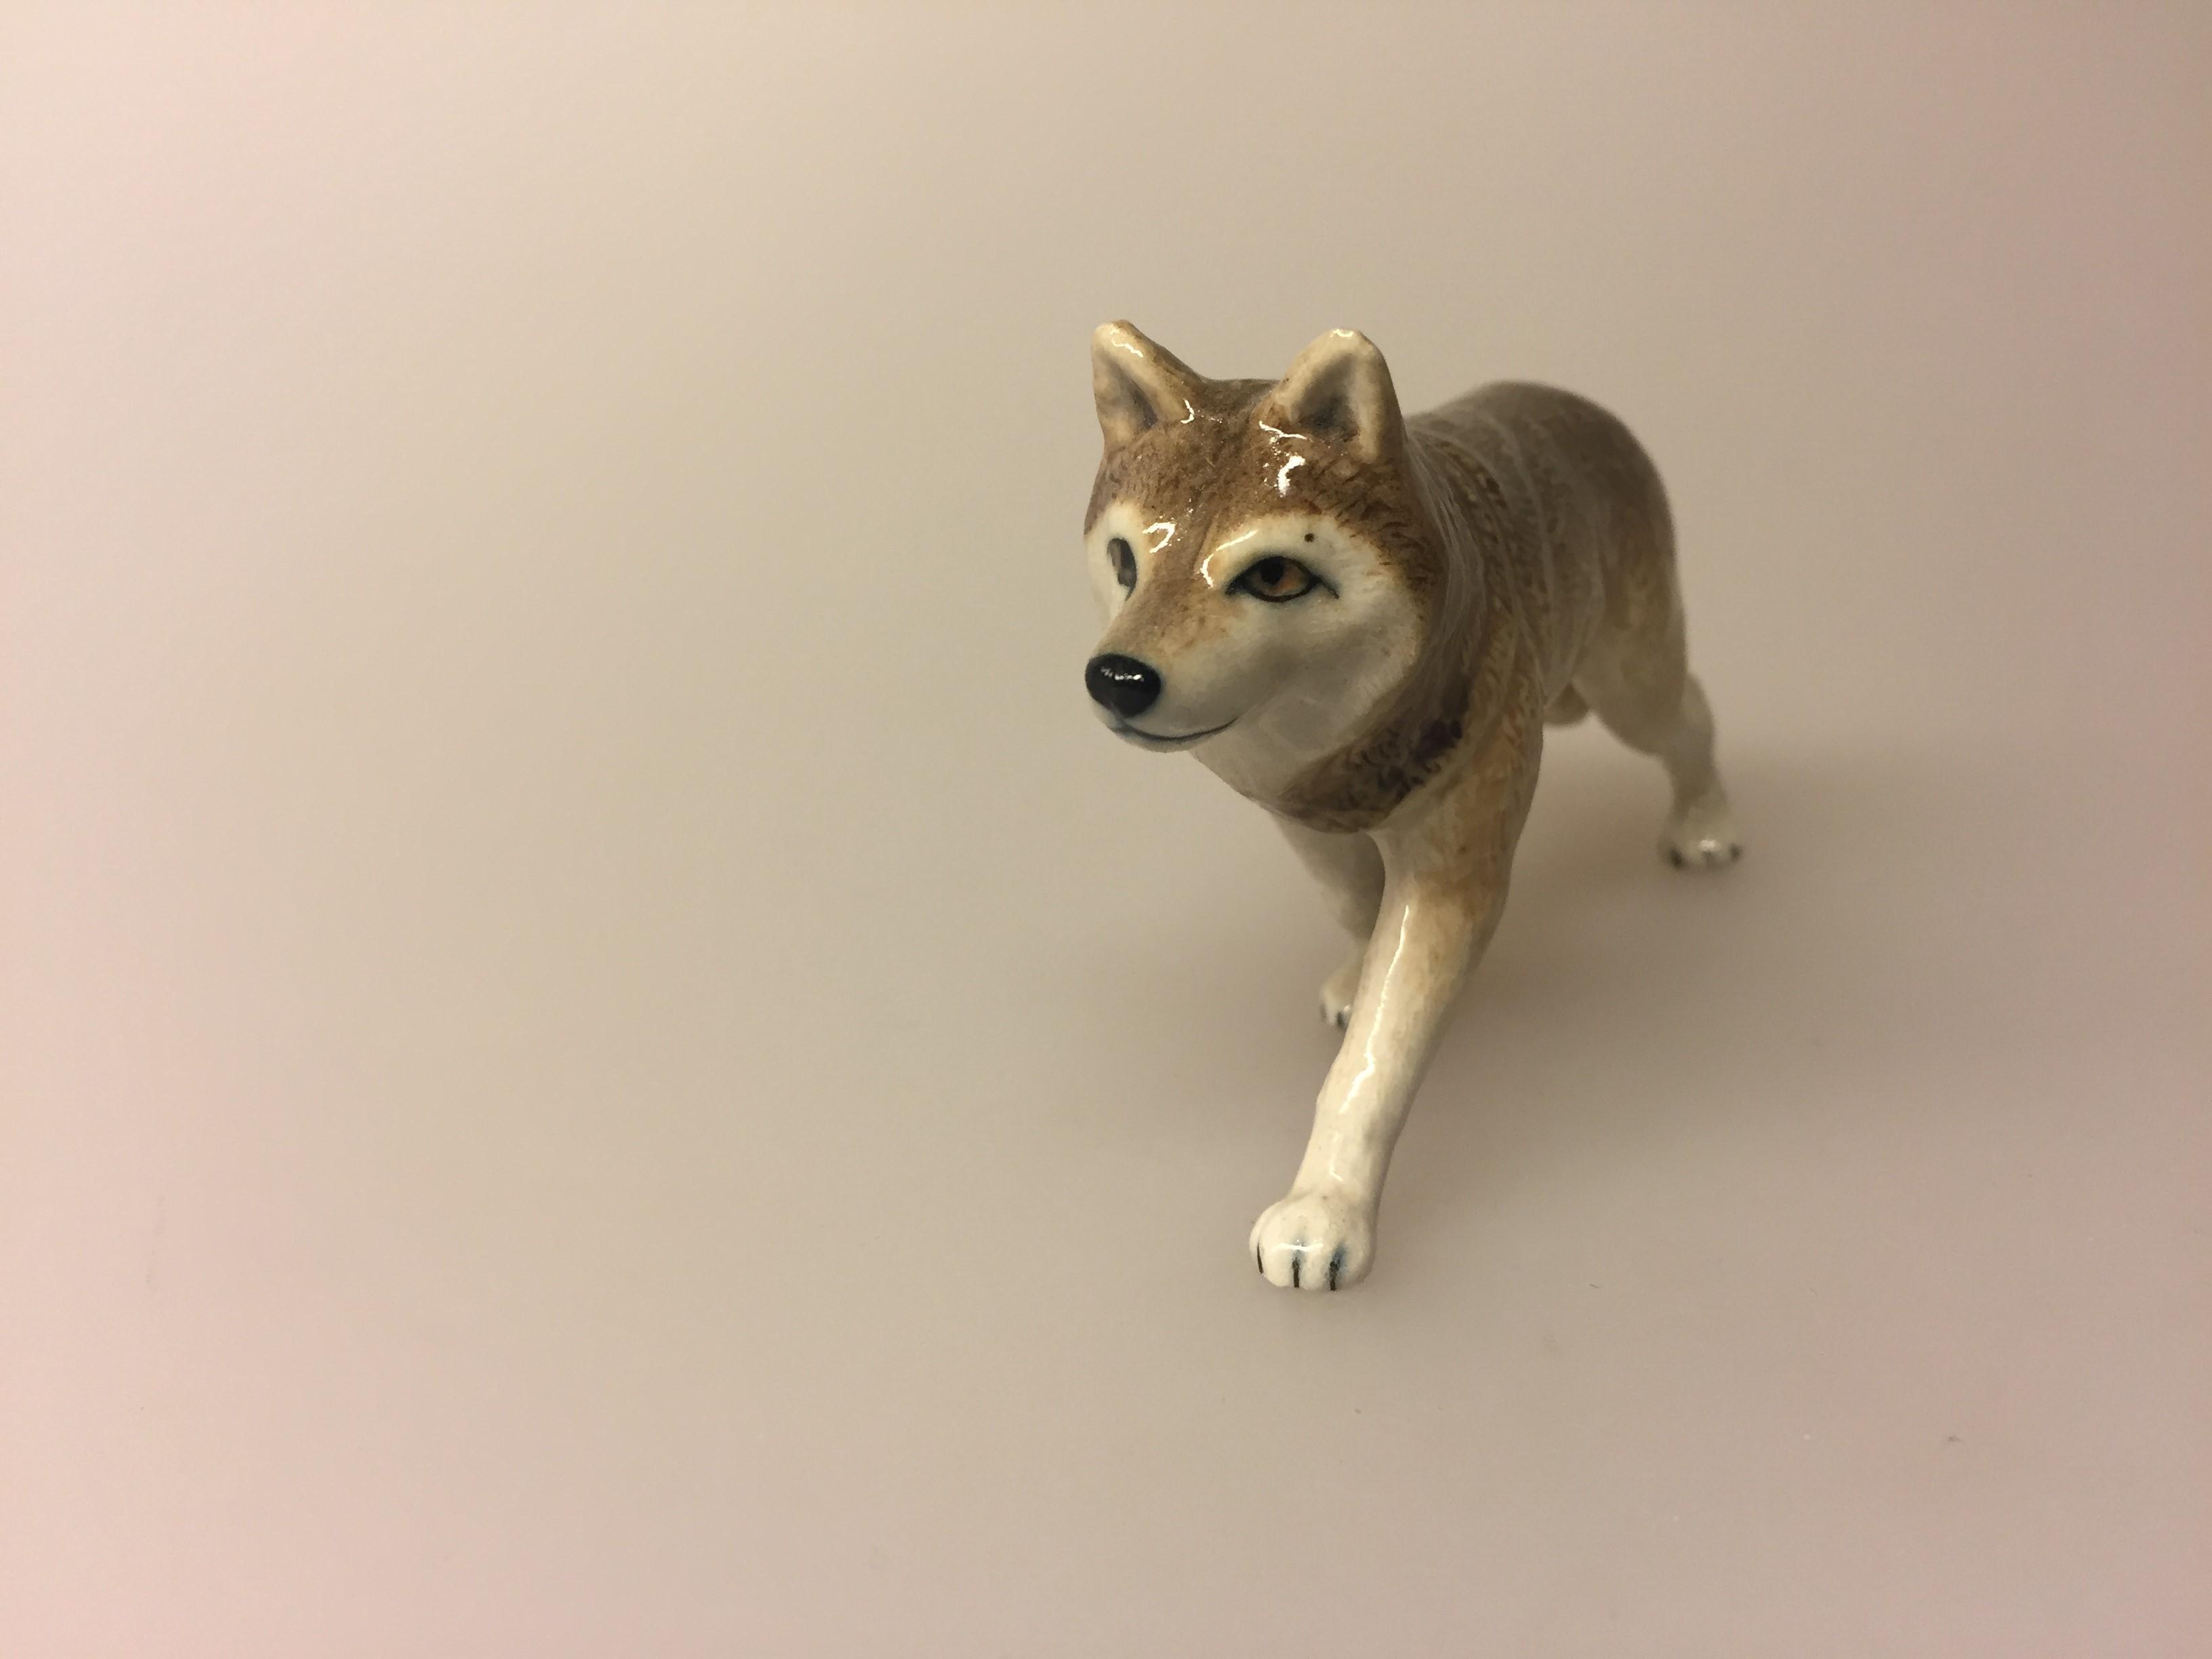 Ulv Figur porcelæn, ulve, ulvefigur, porcelæn, porcelænsfigur, ulveting, ulve i danmark, danske ulve, håndlavet, pynt, nips, ulven kommer, peter og ulven, natur, den danske natur, wolf, wulf, ulveunger, fauna, vadehavet, marsken, håndarbejde,